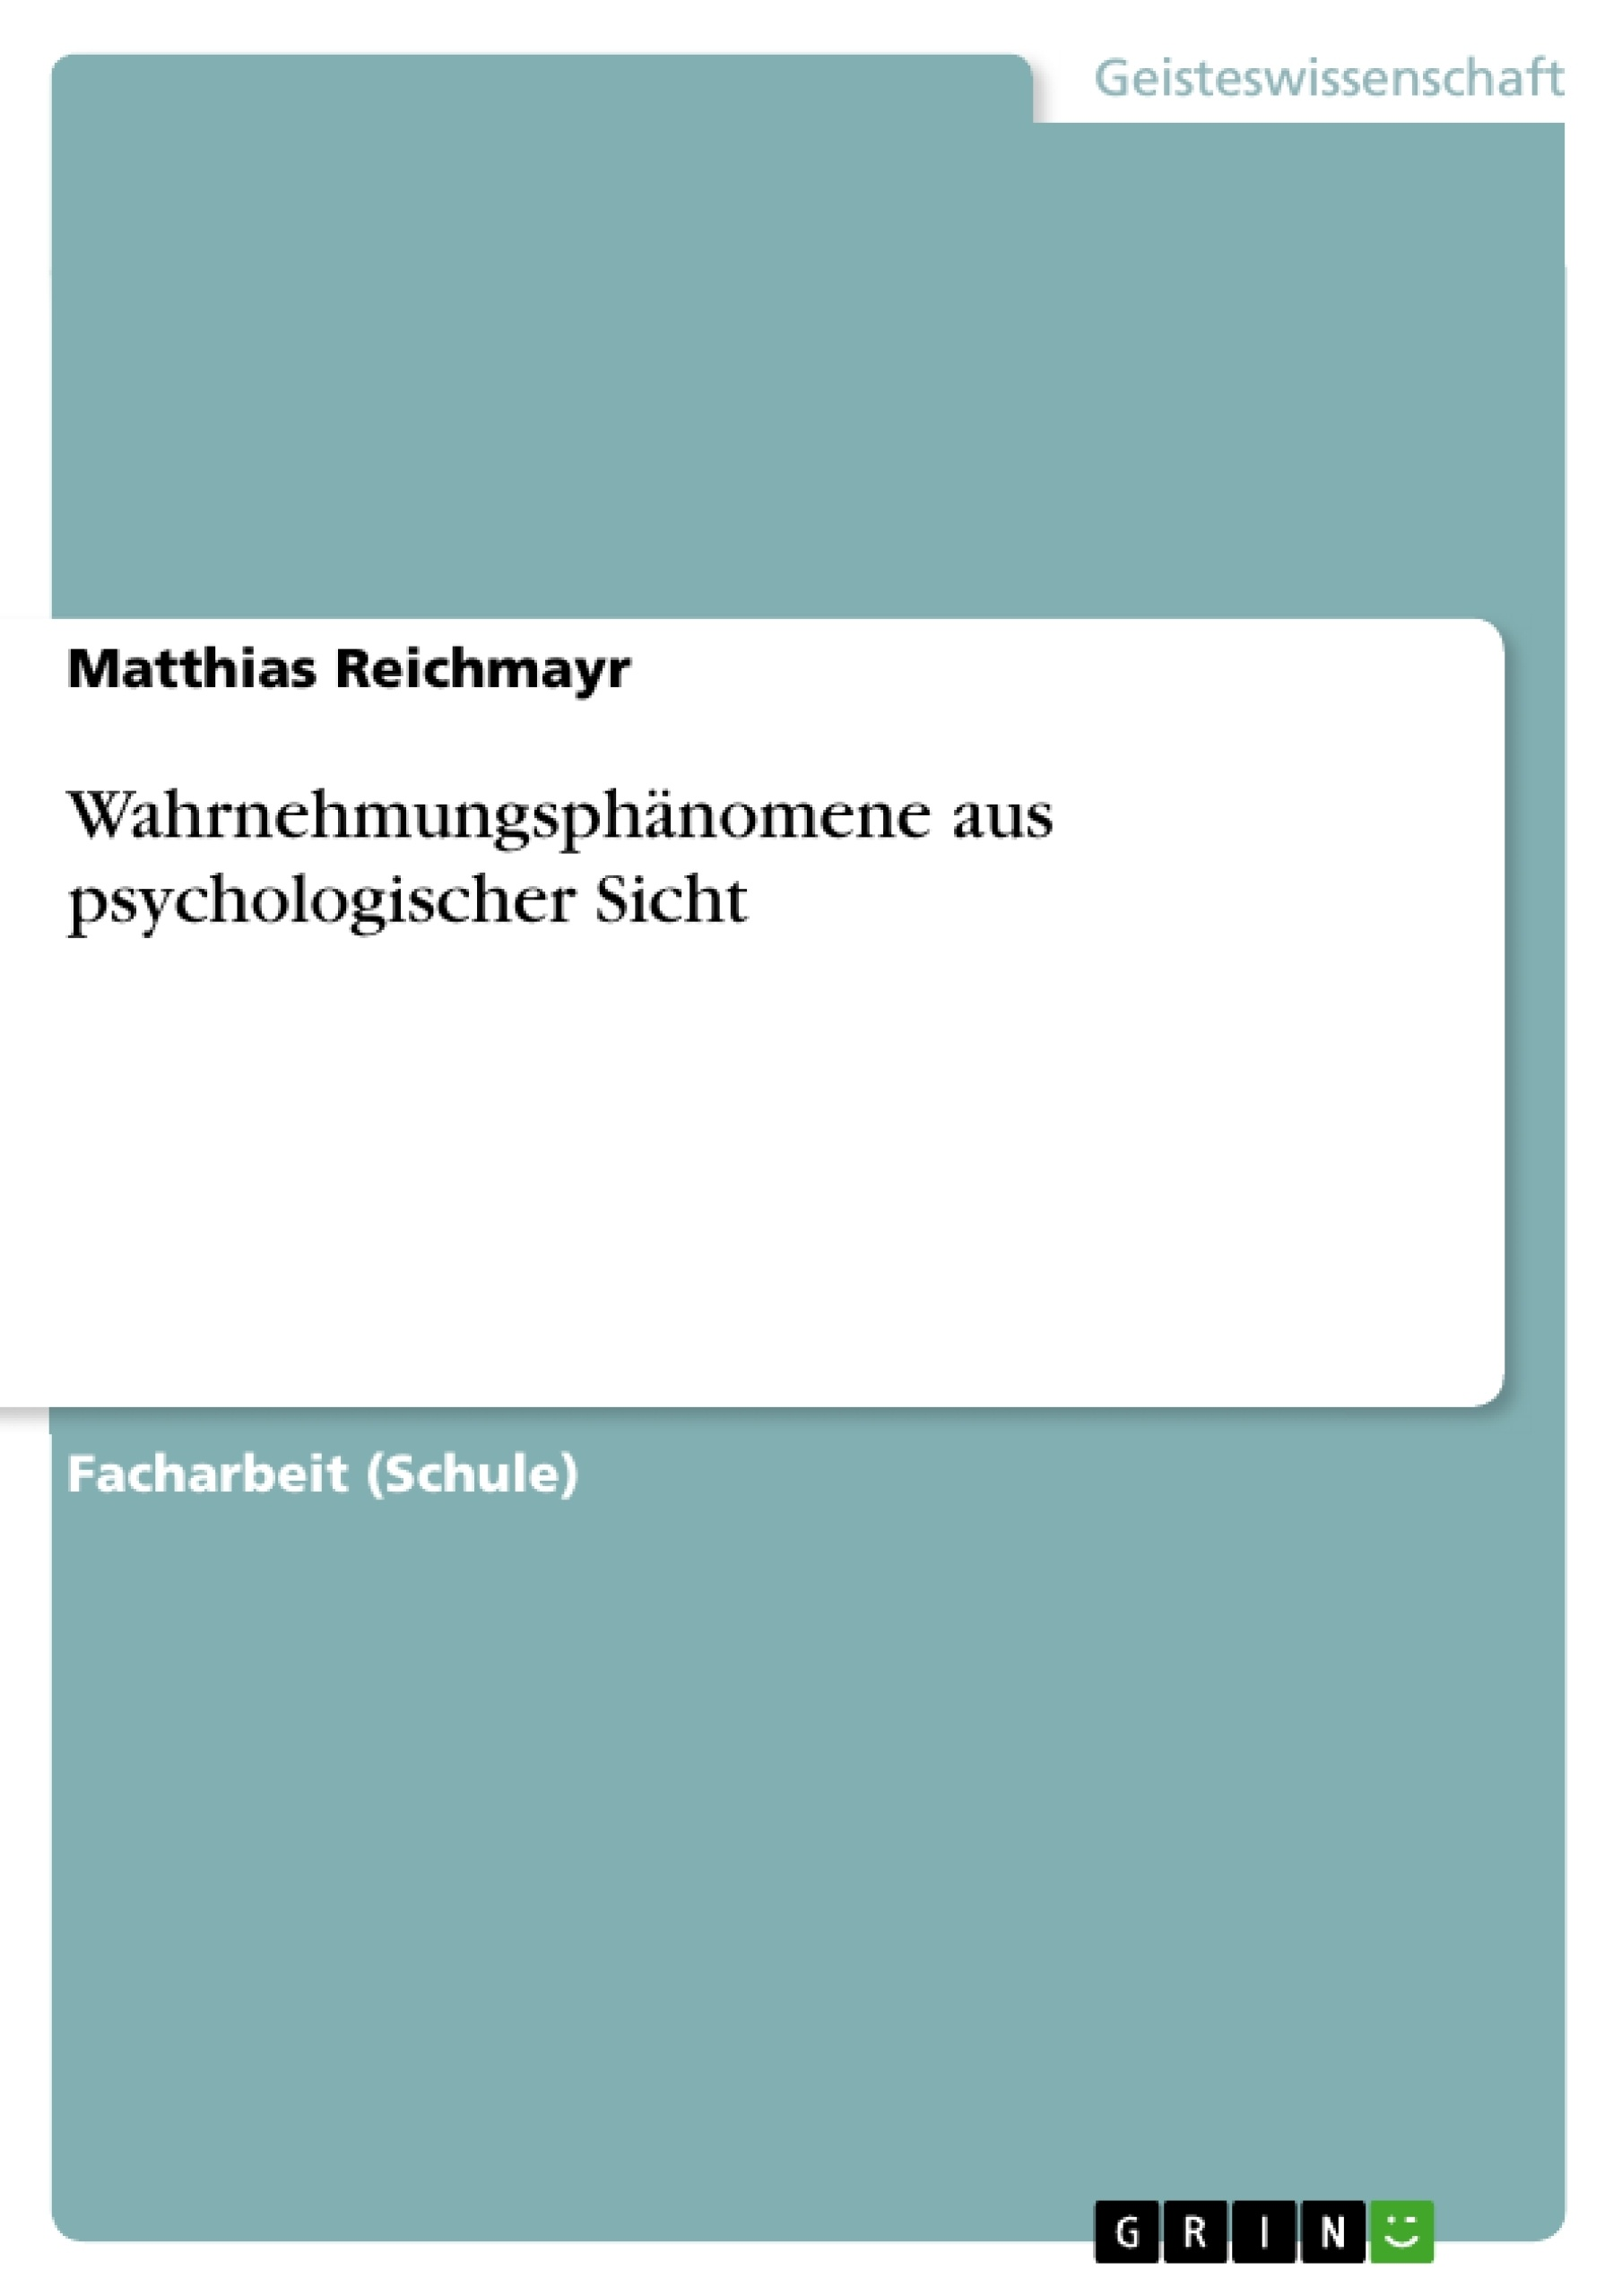 Titel: Wahrnehmungsphänomene aus psychologischer Sicht